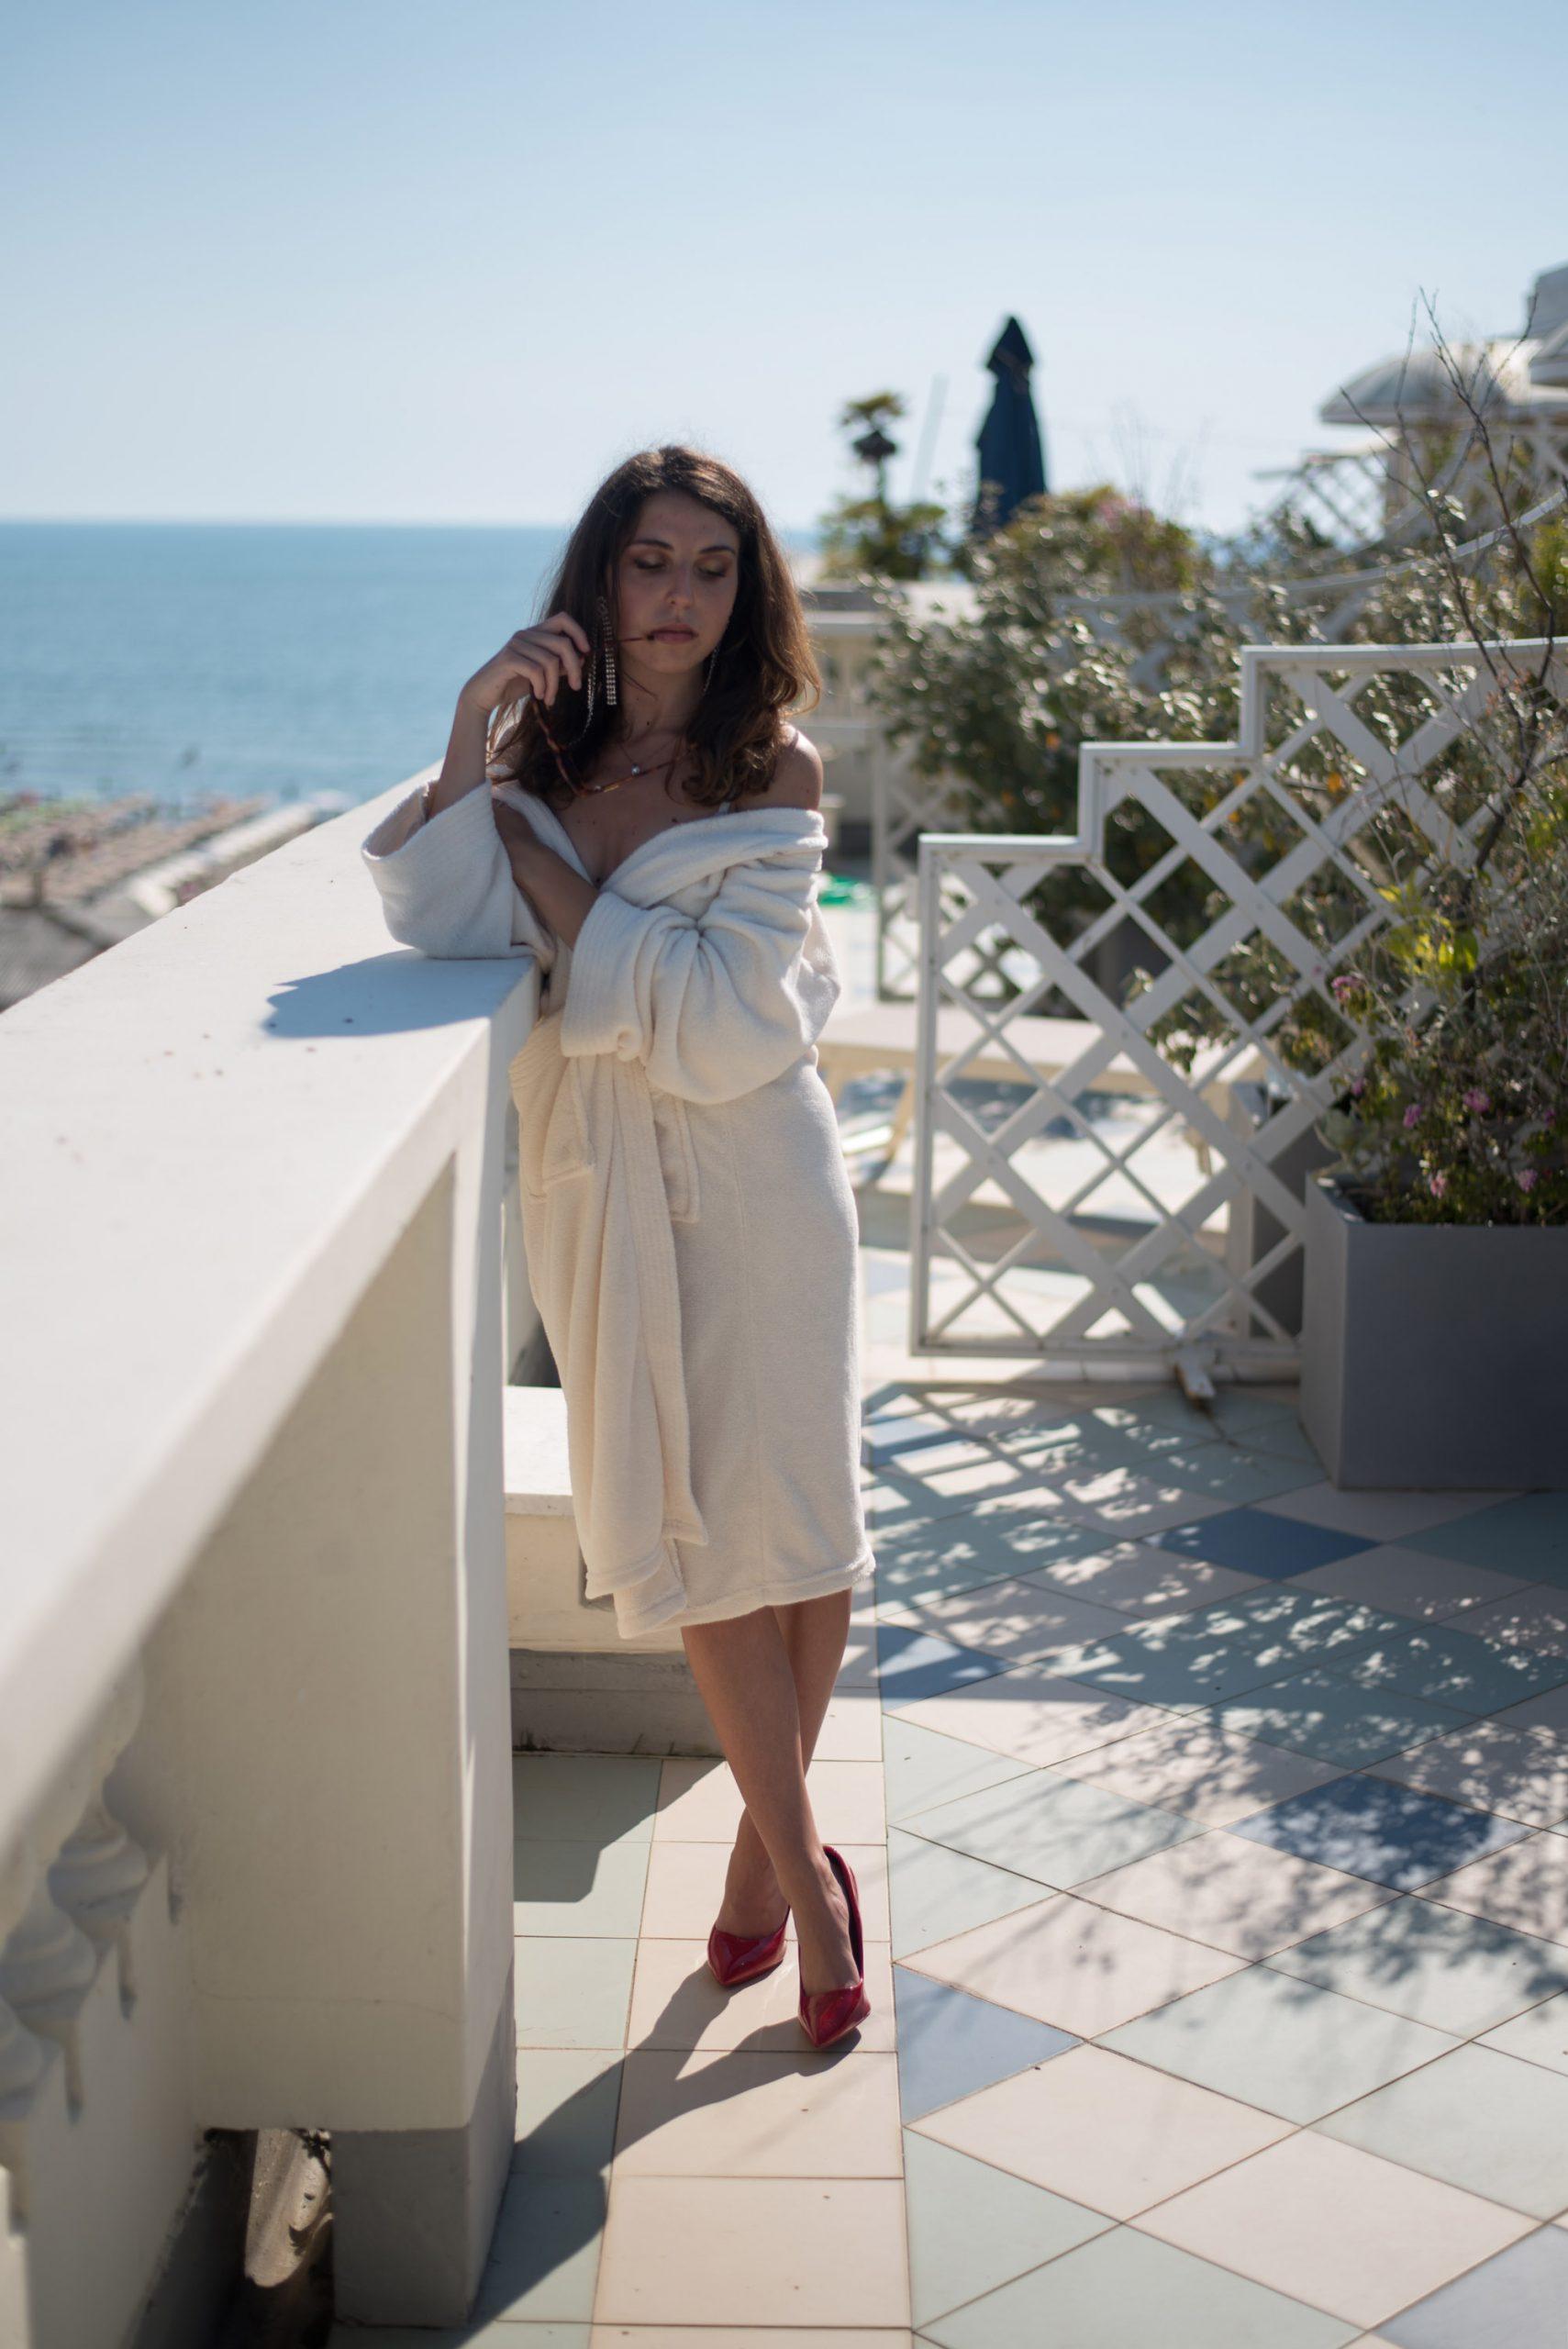 Categorie: Glamour, Fashion, Portrait; Photographer: MASSIMILIANO TOLENTINI (tolemax); Model: FRANCESCA GAROSI; Location: Viareggio, LU, Italia